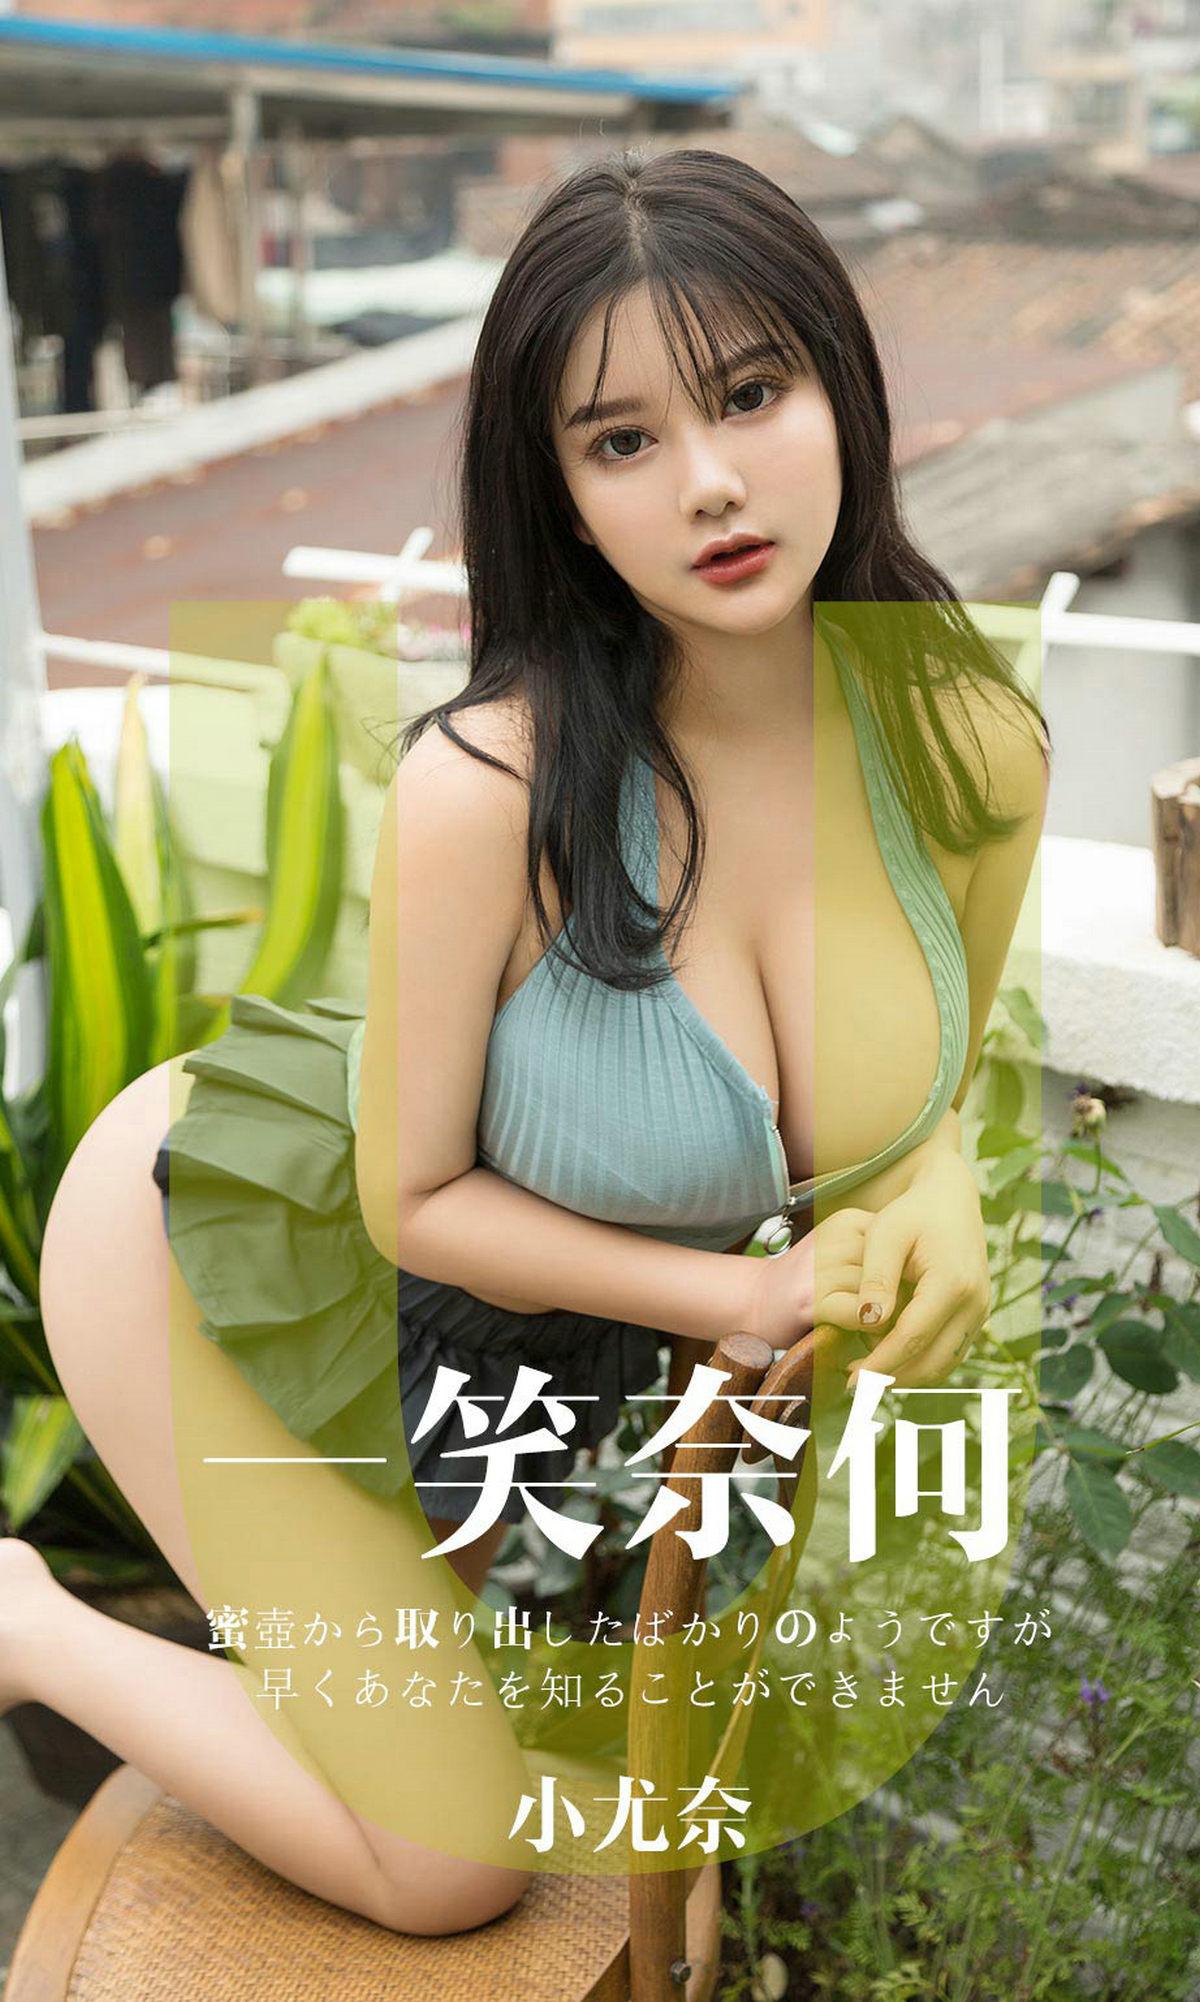 [Ugirls]爱尤物 No.1436 一笑奈何 小尤奈 [